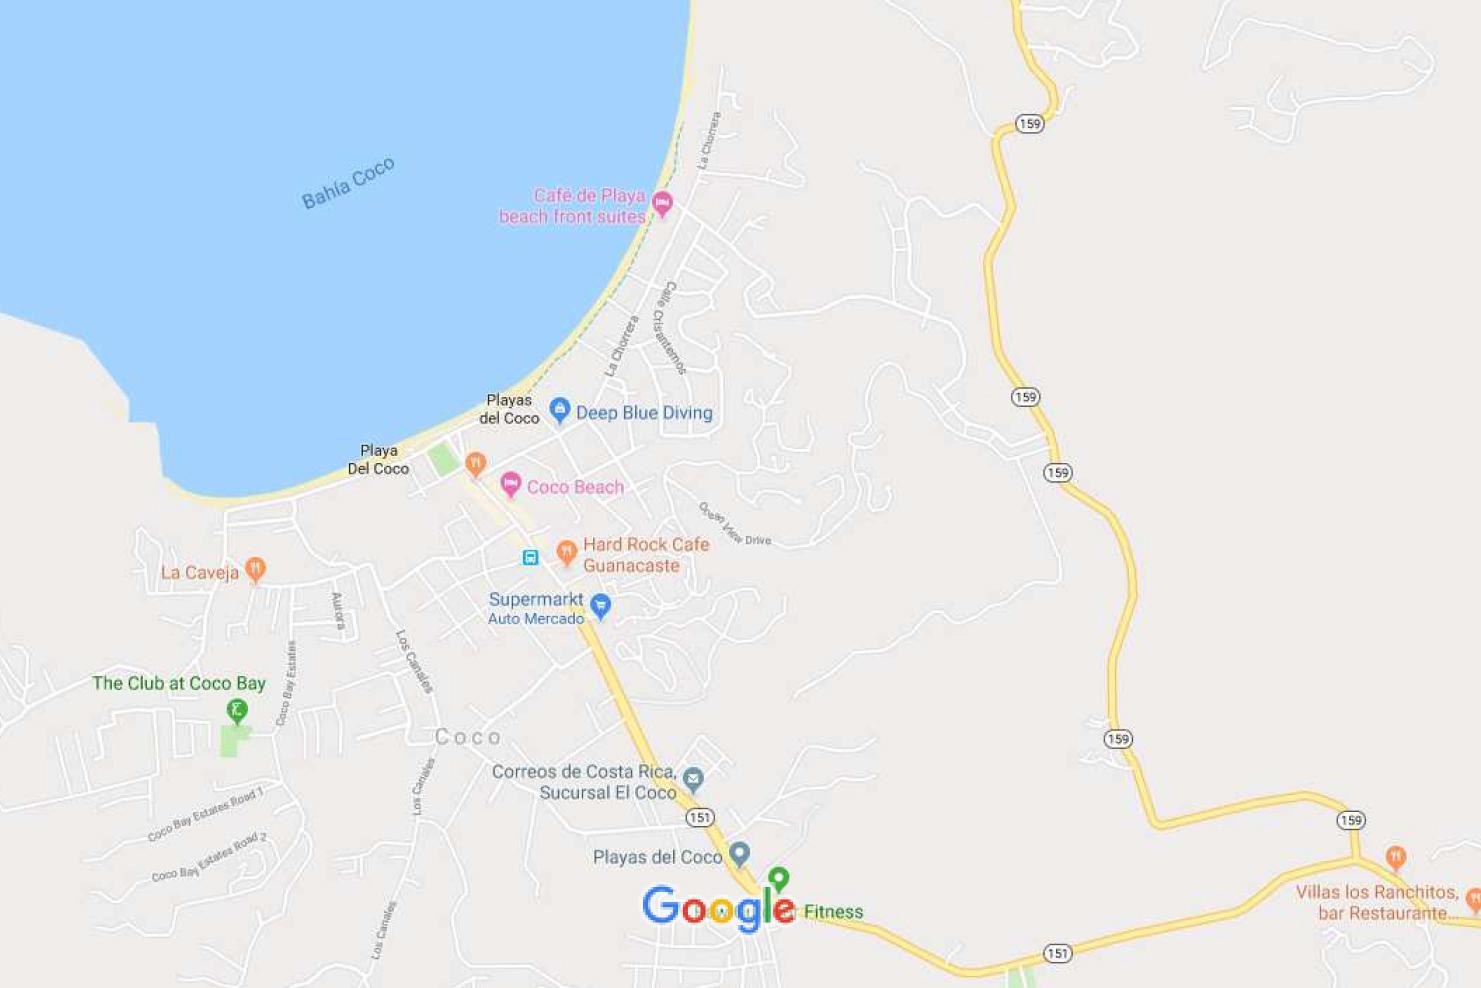 MAPA ENCUENTRA DEEP BLUE DIVING EN Playas del Coco, Costa Rica